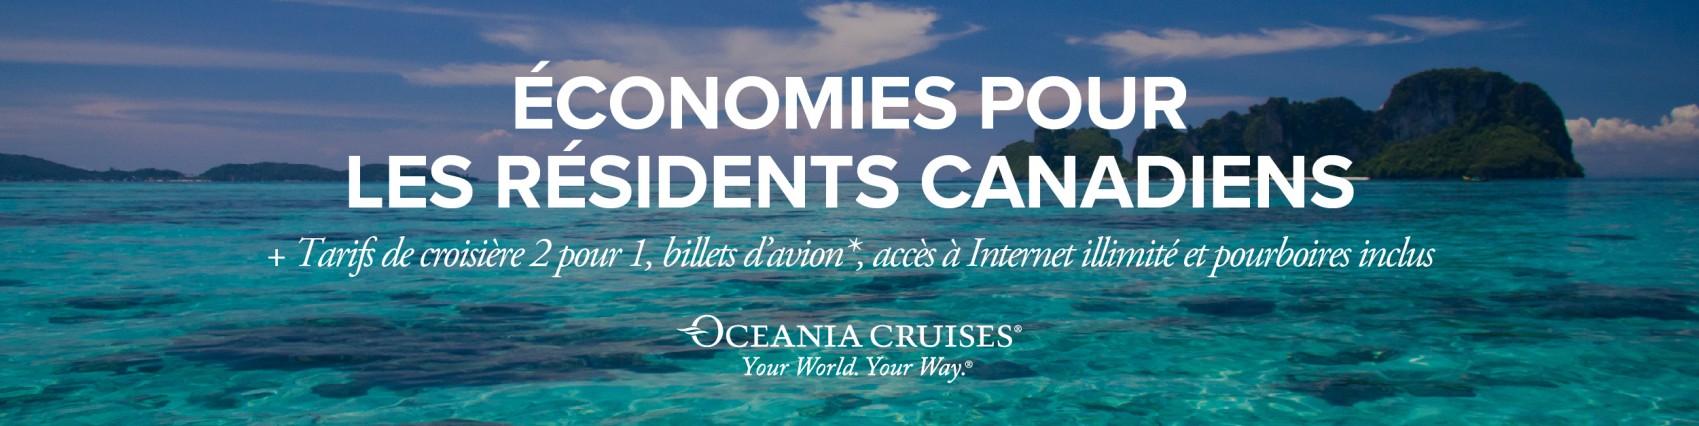 Votre monde à votre manière avec Oceania Cruises